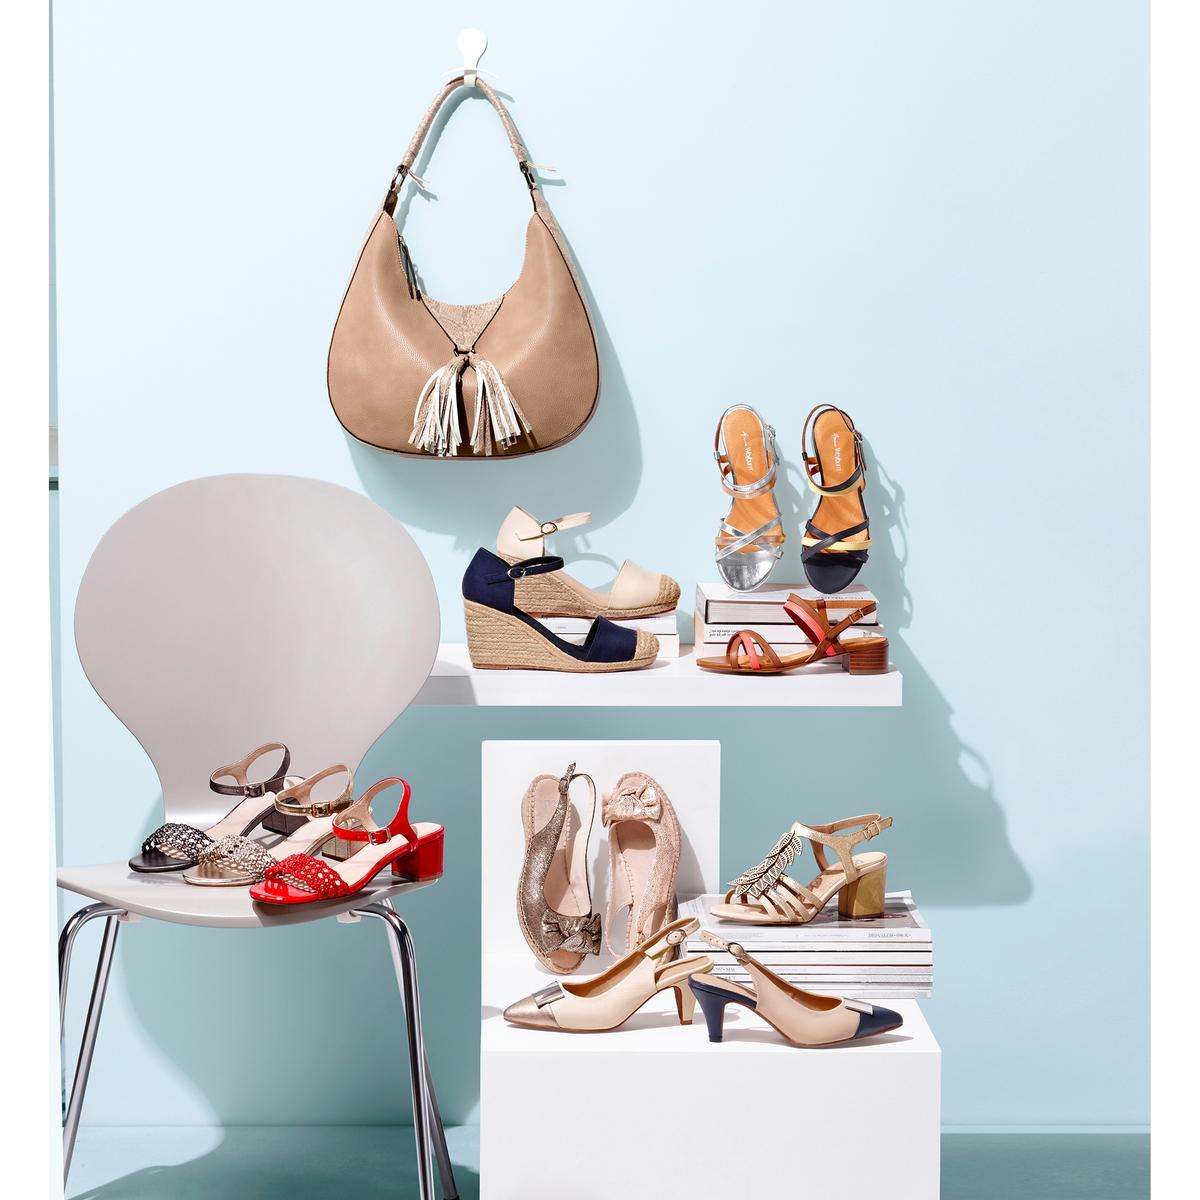 Imagen principal de producto de Sandalias de piel bicolor con tacón medio - Anne weyburn